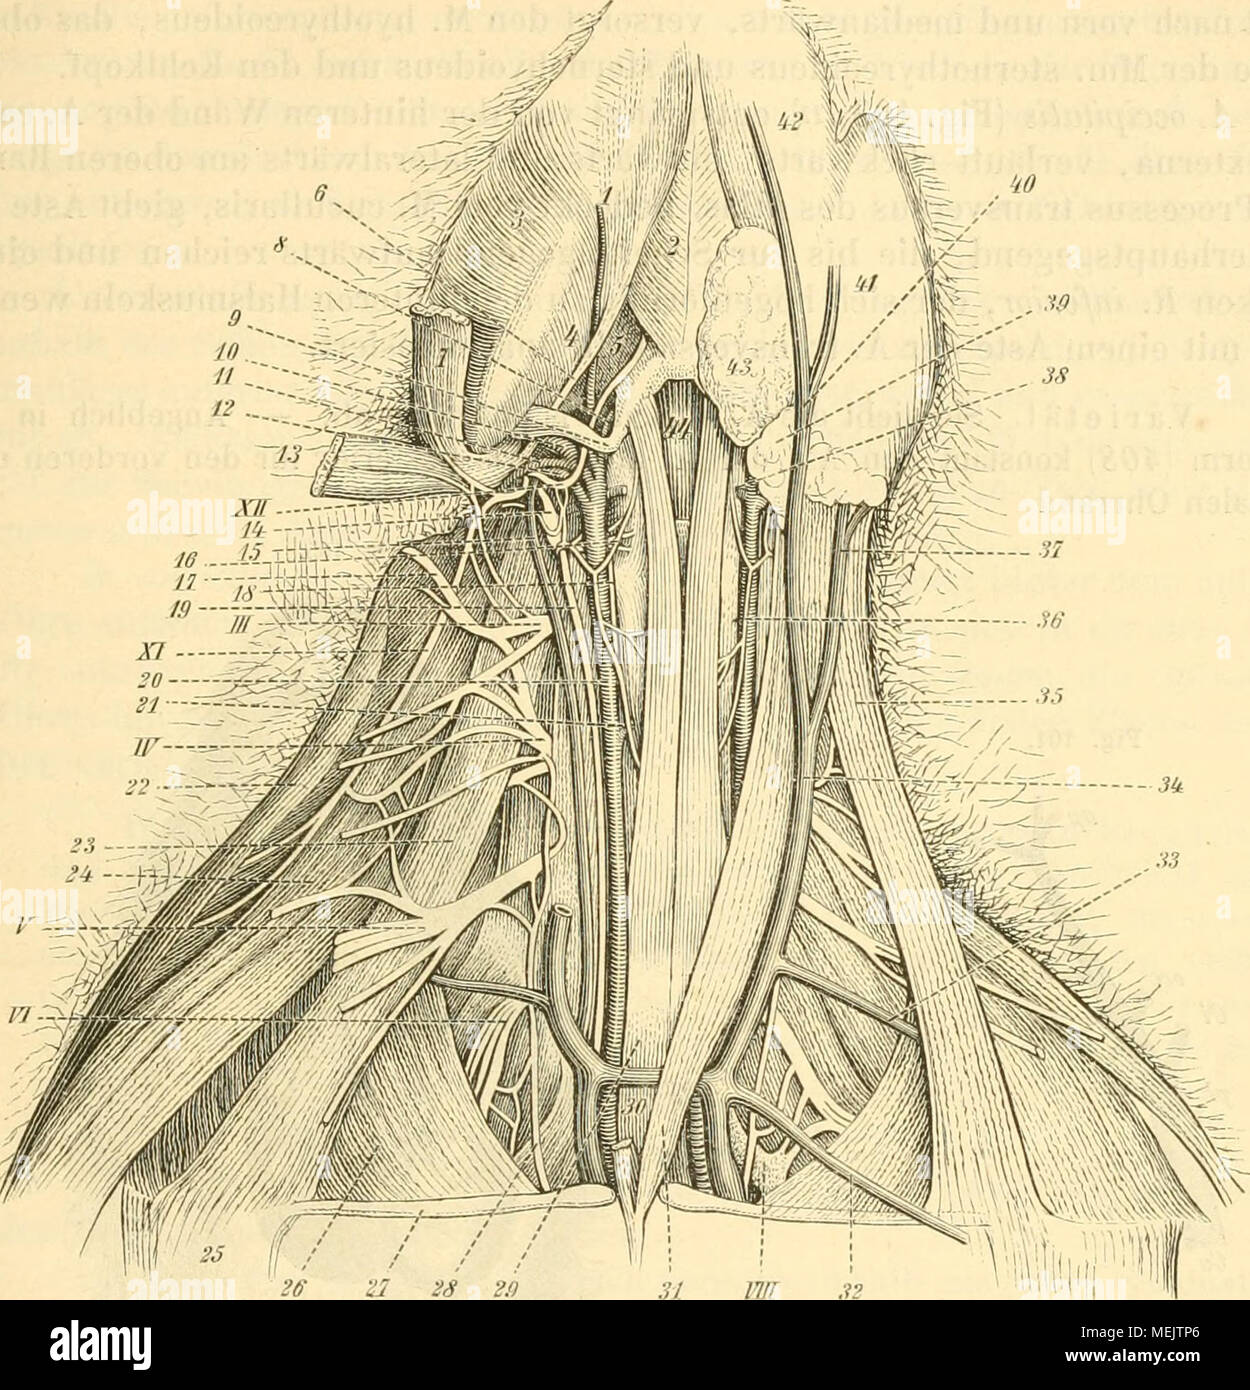 Berühmt Kalb Arterien Anatomie Ideen - Menschliche Anatomie Bilder ...